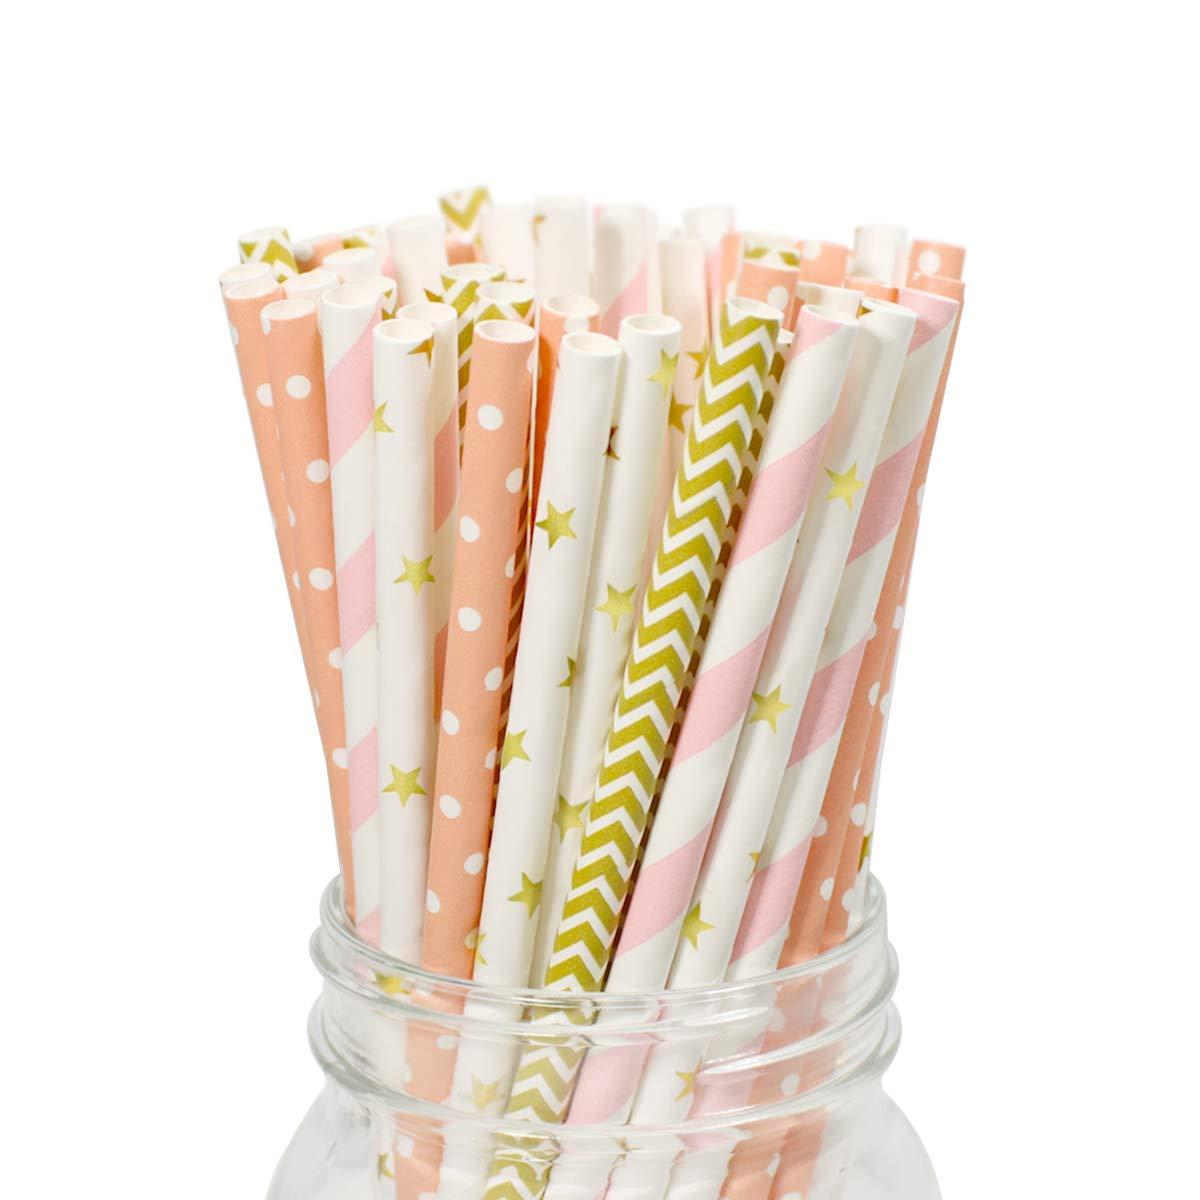 batidos 100 pajitas de papel de arco iris con 40 pajitas de c/óctel arco/íris batidos servilletas de papel biodegradables y coloridas para zumos decoraciones de cumplea/ños suministros de fiesta